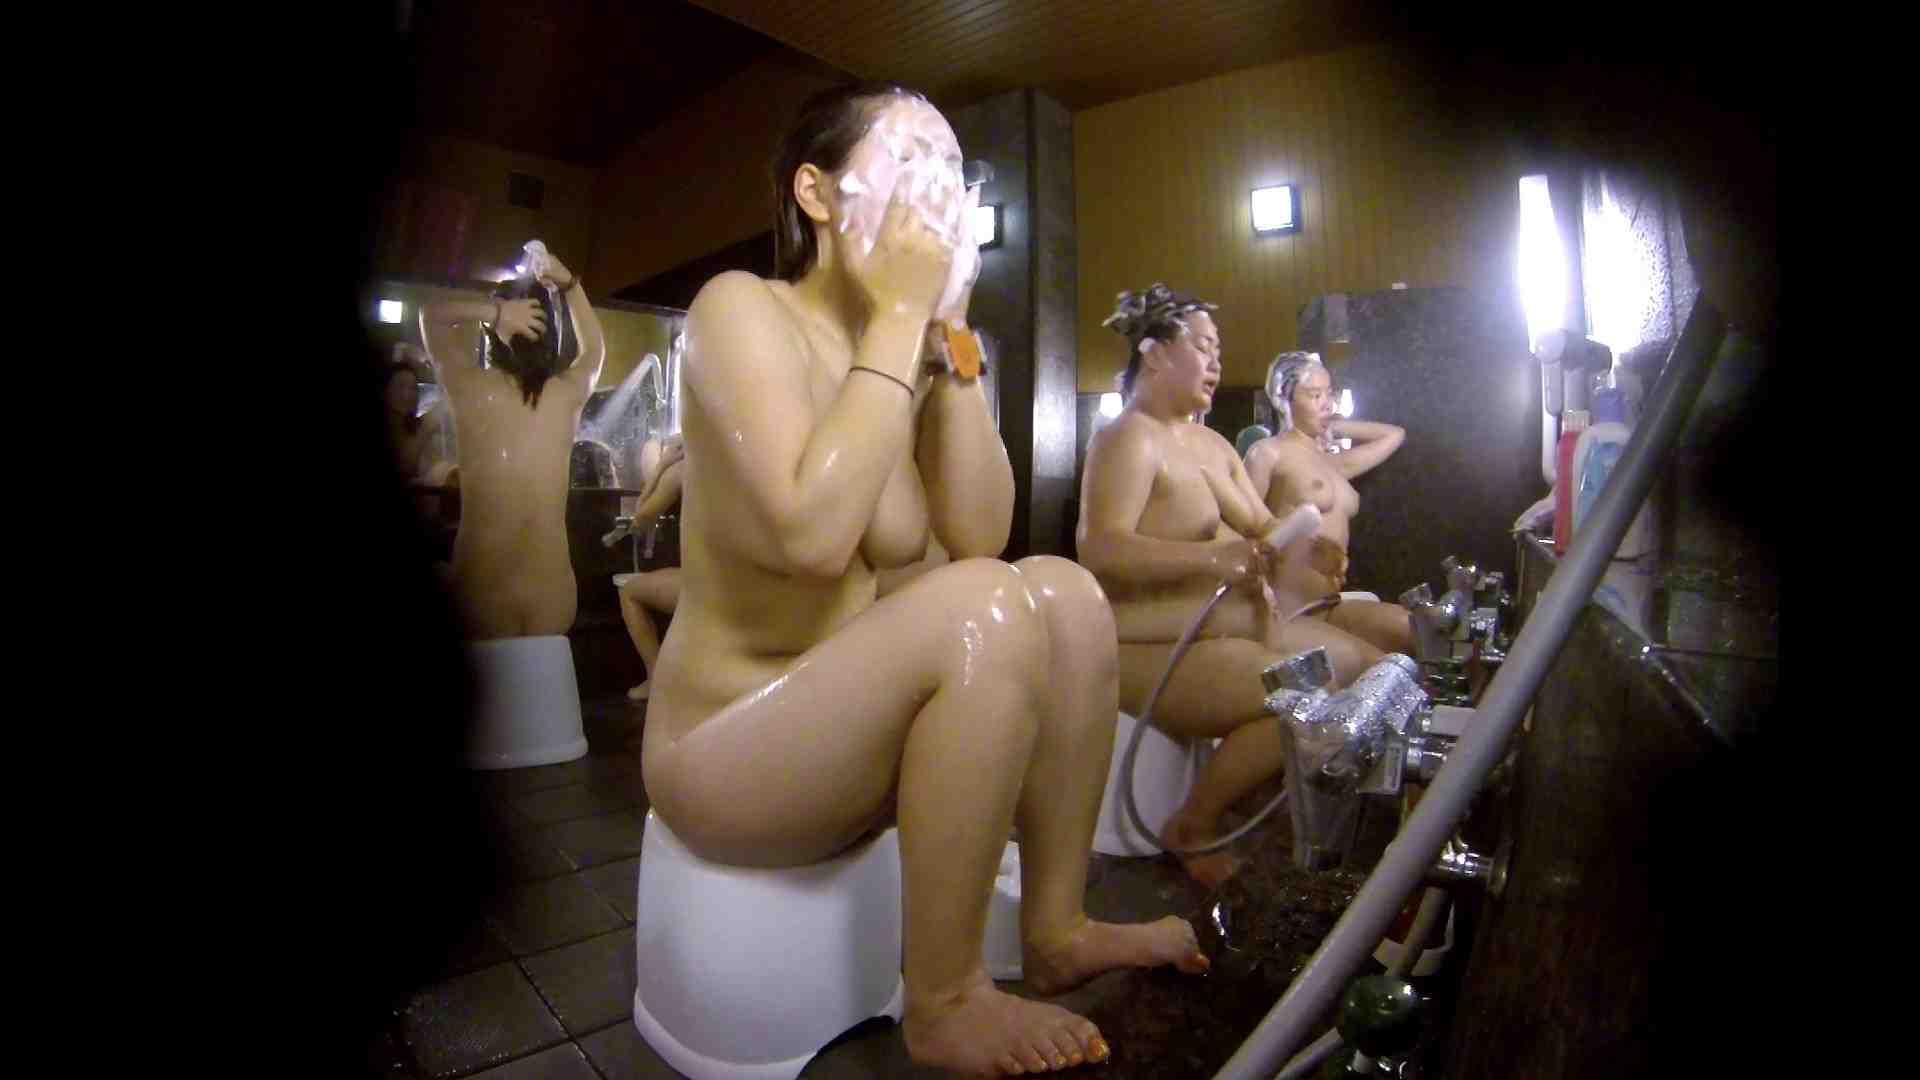 洗い場!色白でなかなかの美巨乳。柔らかく揺れまくりです 銭湯 盗み撮りオマンコ動画キャプチャ 92pic 77